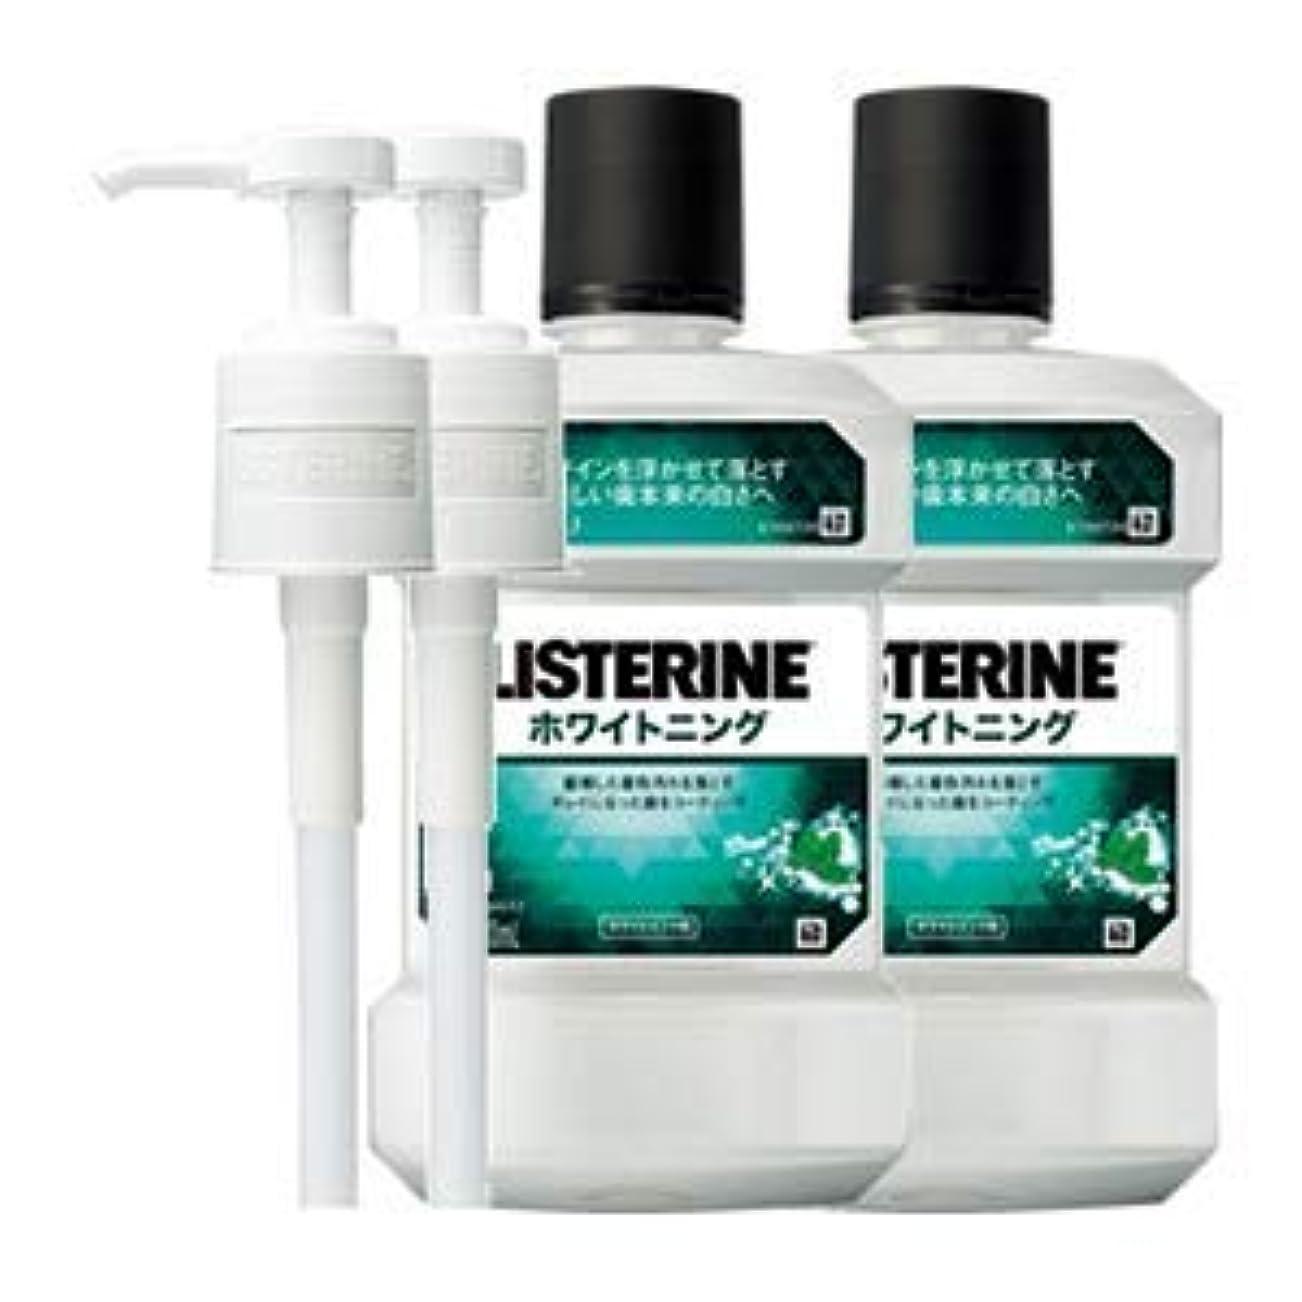 引き付けるかなり線形薬用 リステリン ホワイトニング (液体歯磨) 1000mL 2点セット (ポンプ付)